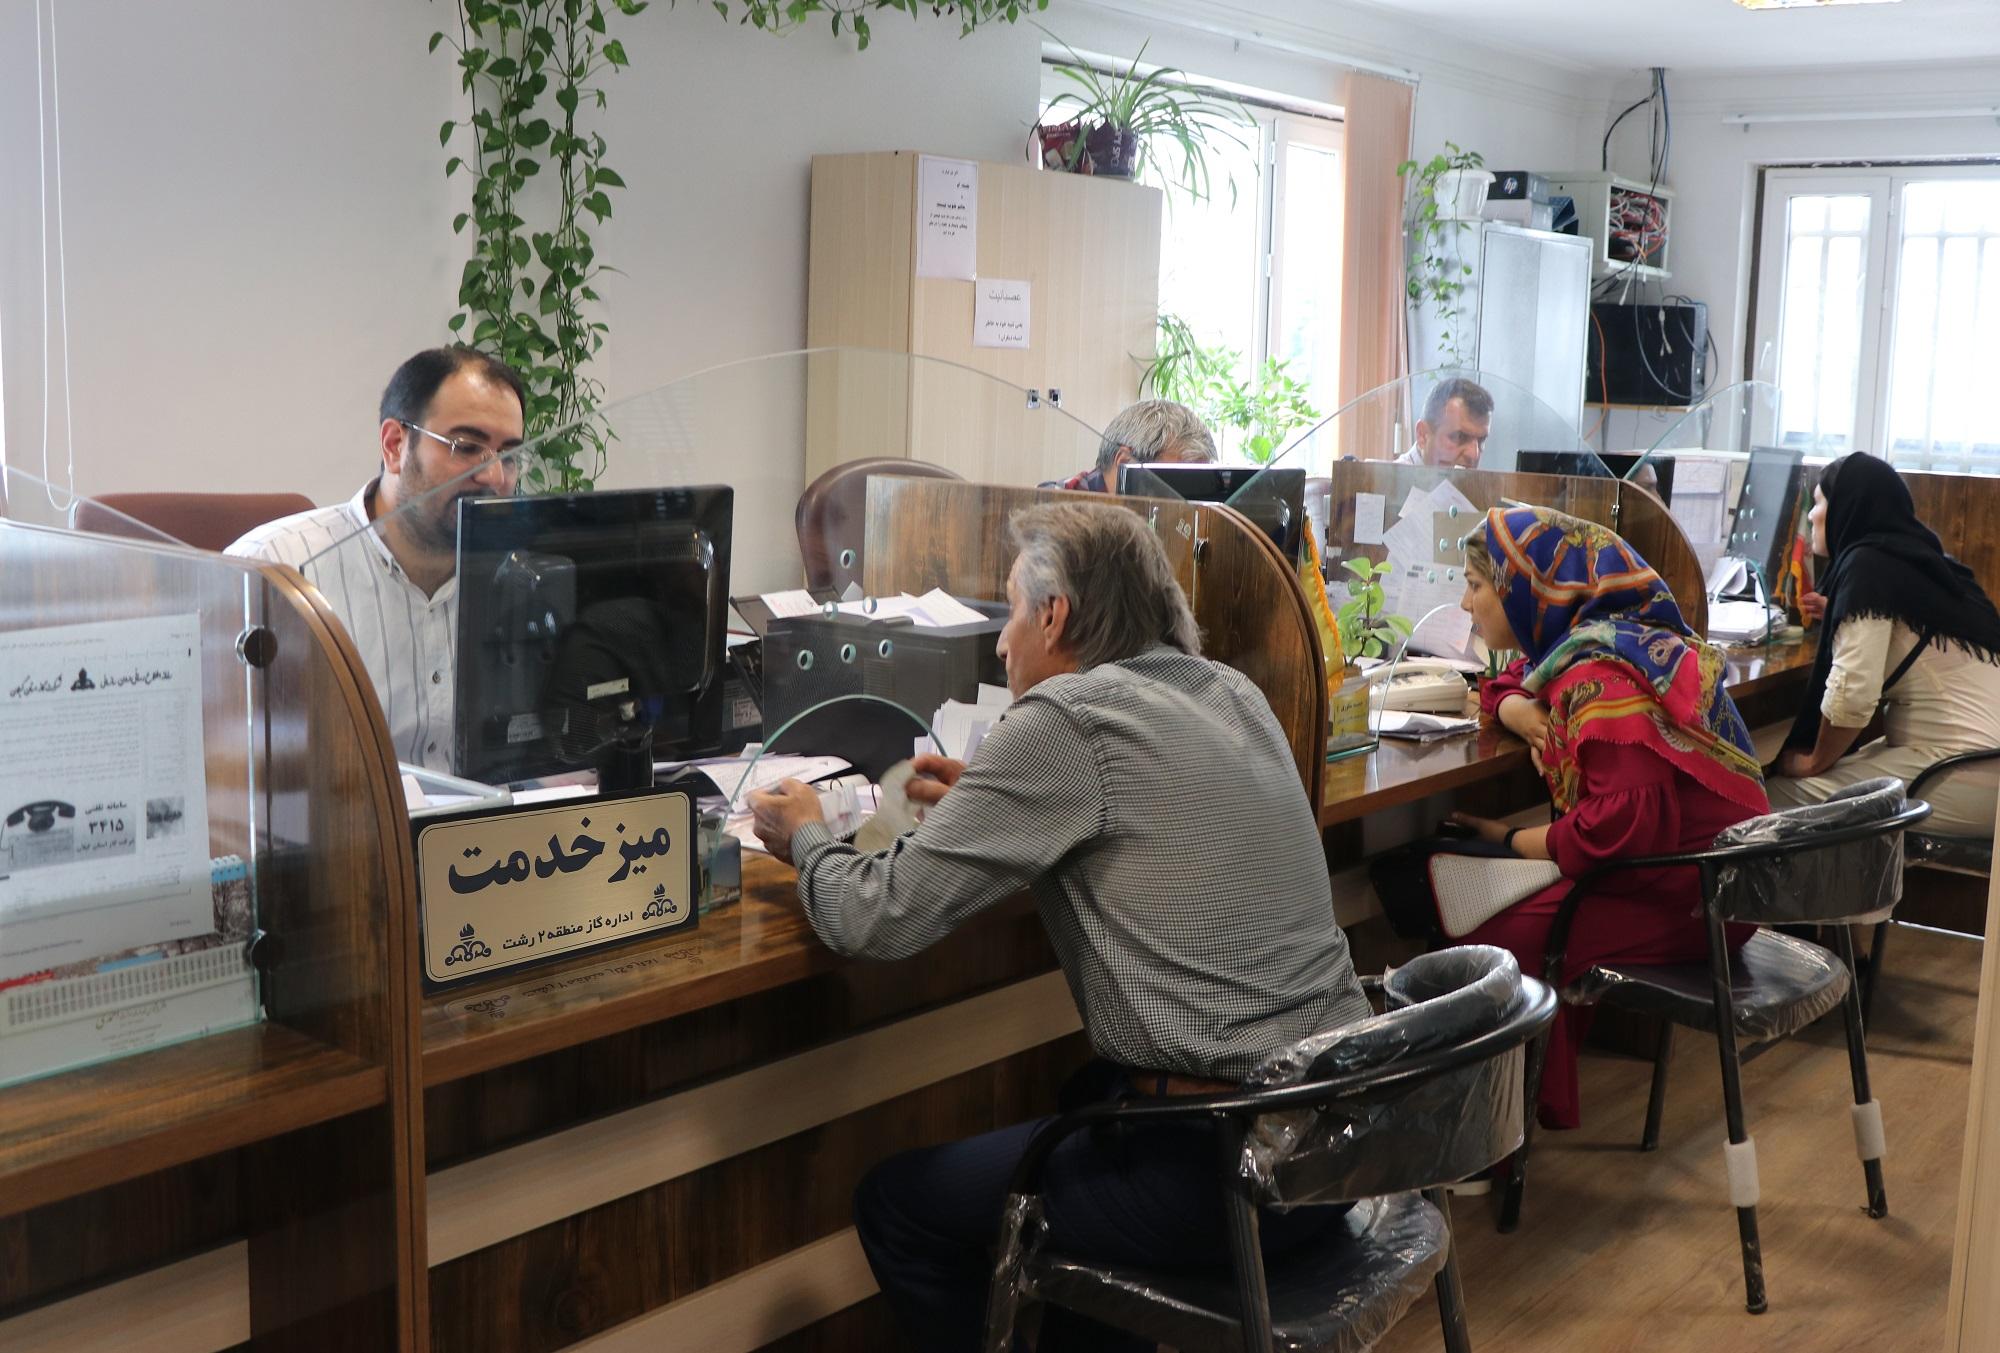 پاسخگویی به بیش از ۱۶۶ هزار درخواست در میز خدمت شرکت گاز استان گیلان